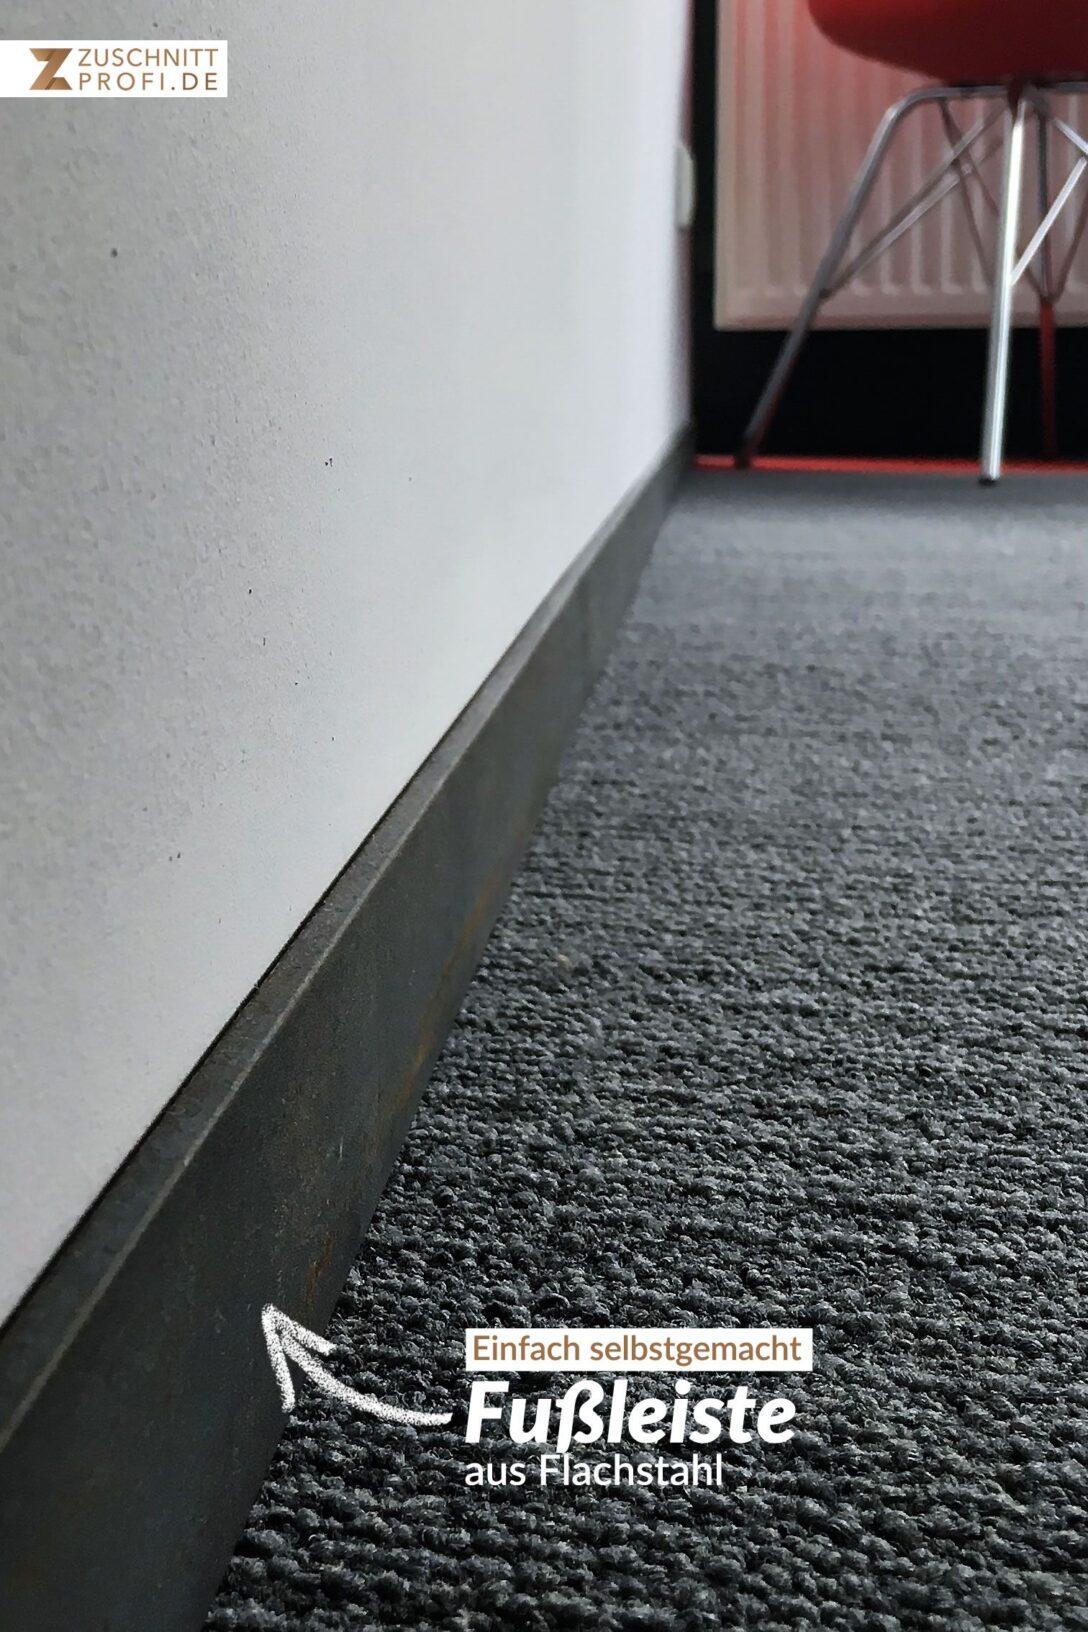 Large Size of Sockelblende Küche Zuschnitt Fuleiste Aus Flachstahl Einfach Selbstgemacht In 2020 Teppich Für Jalousieschrank Freistehende Beistelltisch Behindertengerechte Wohnzimmer Sockelblende Küche Zuschnitt